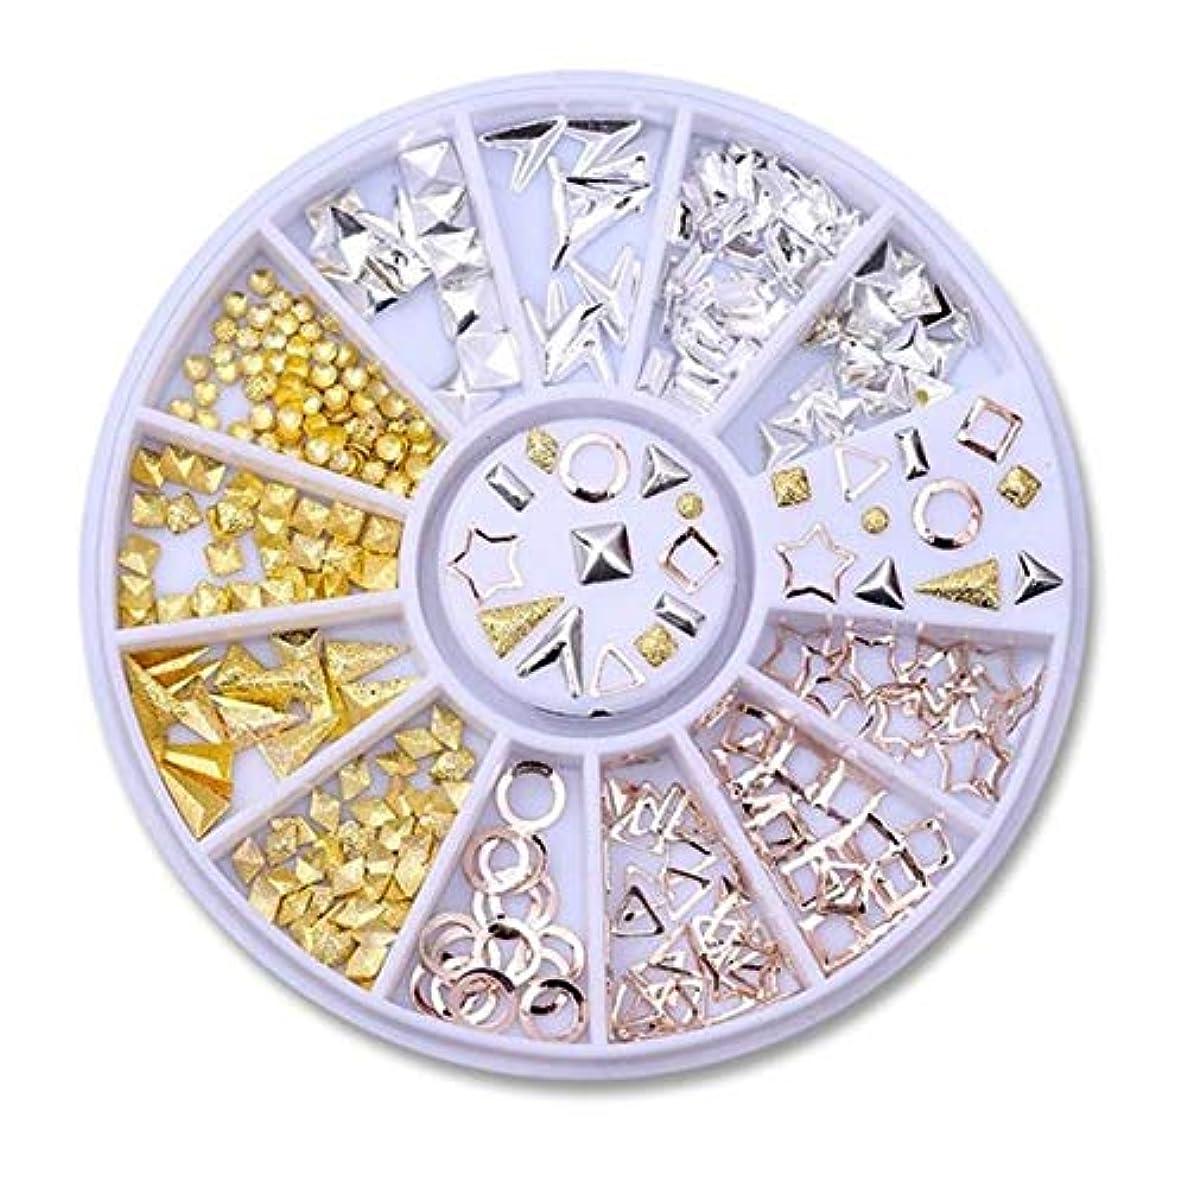 登録夫うぬぼれたネイルラインストーンの小さな不規則なビーズマニキュア3Dネイルアートの装飾の輪,29